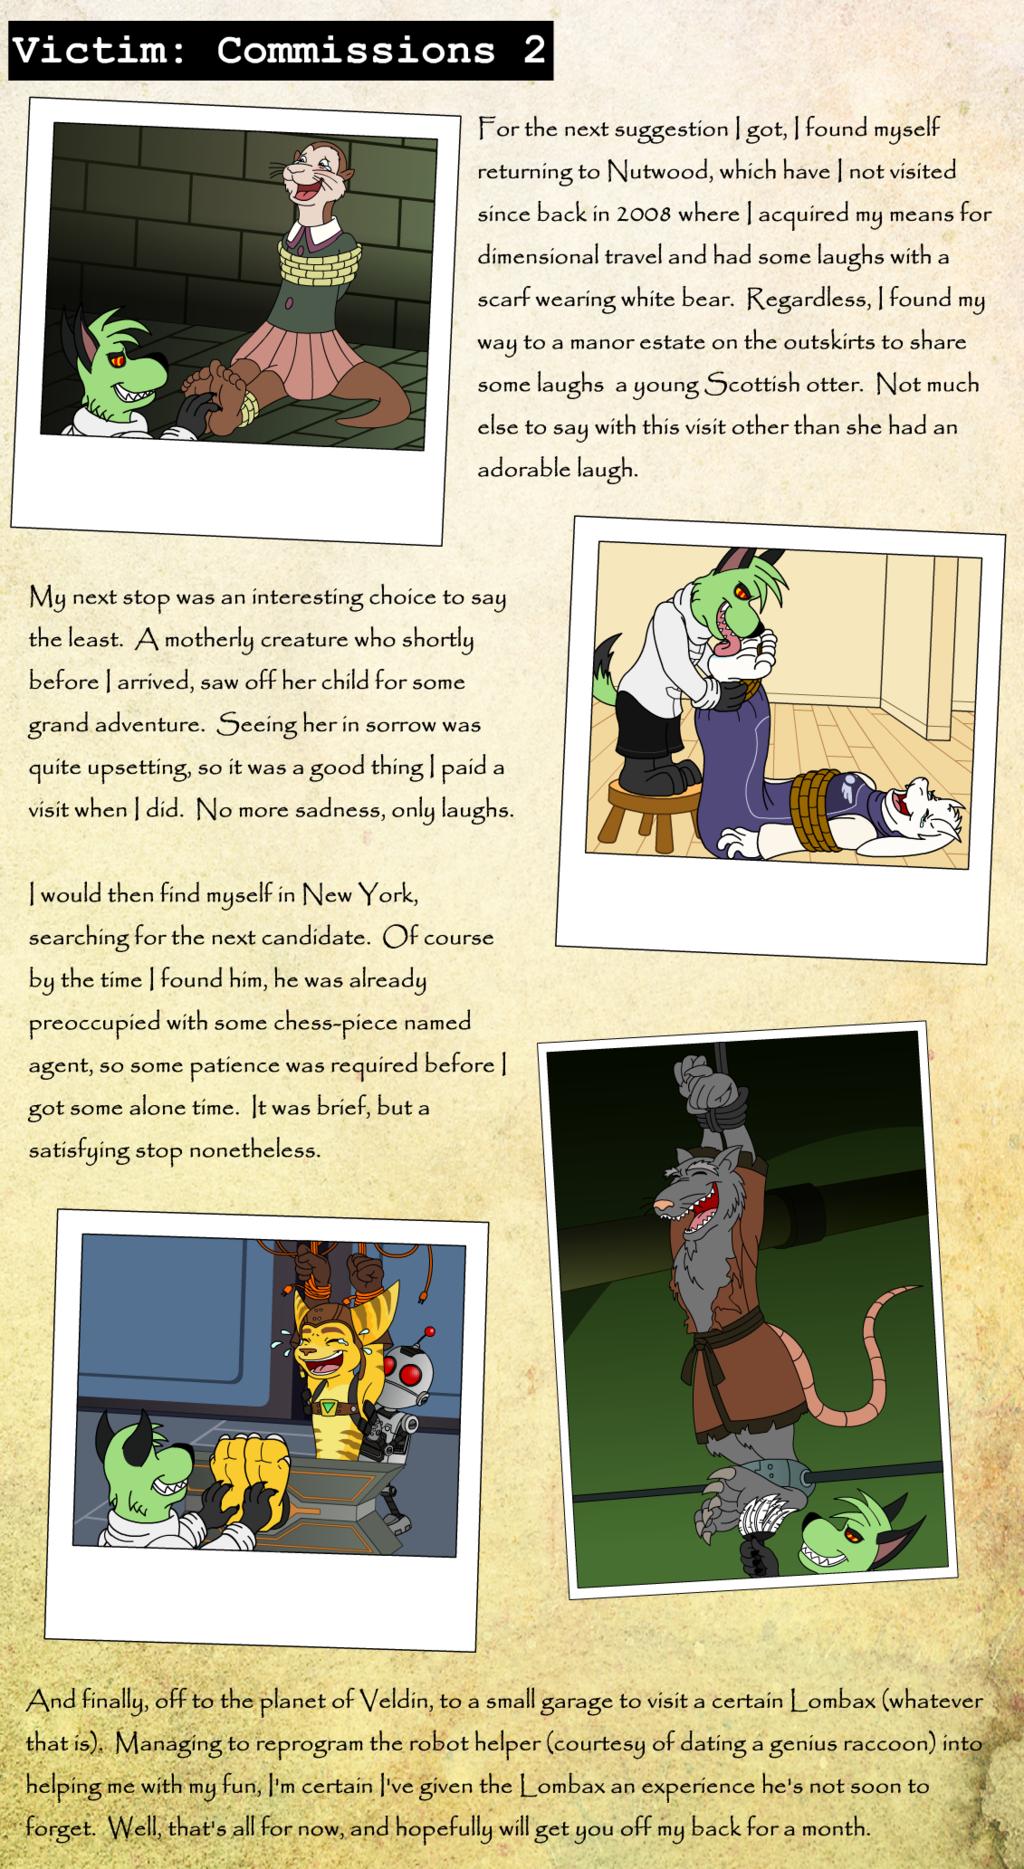 Victim 19: Commissions Part 2